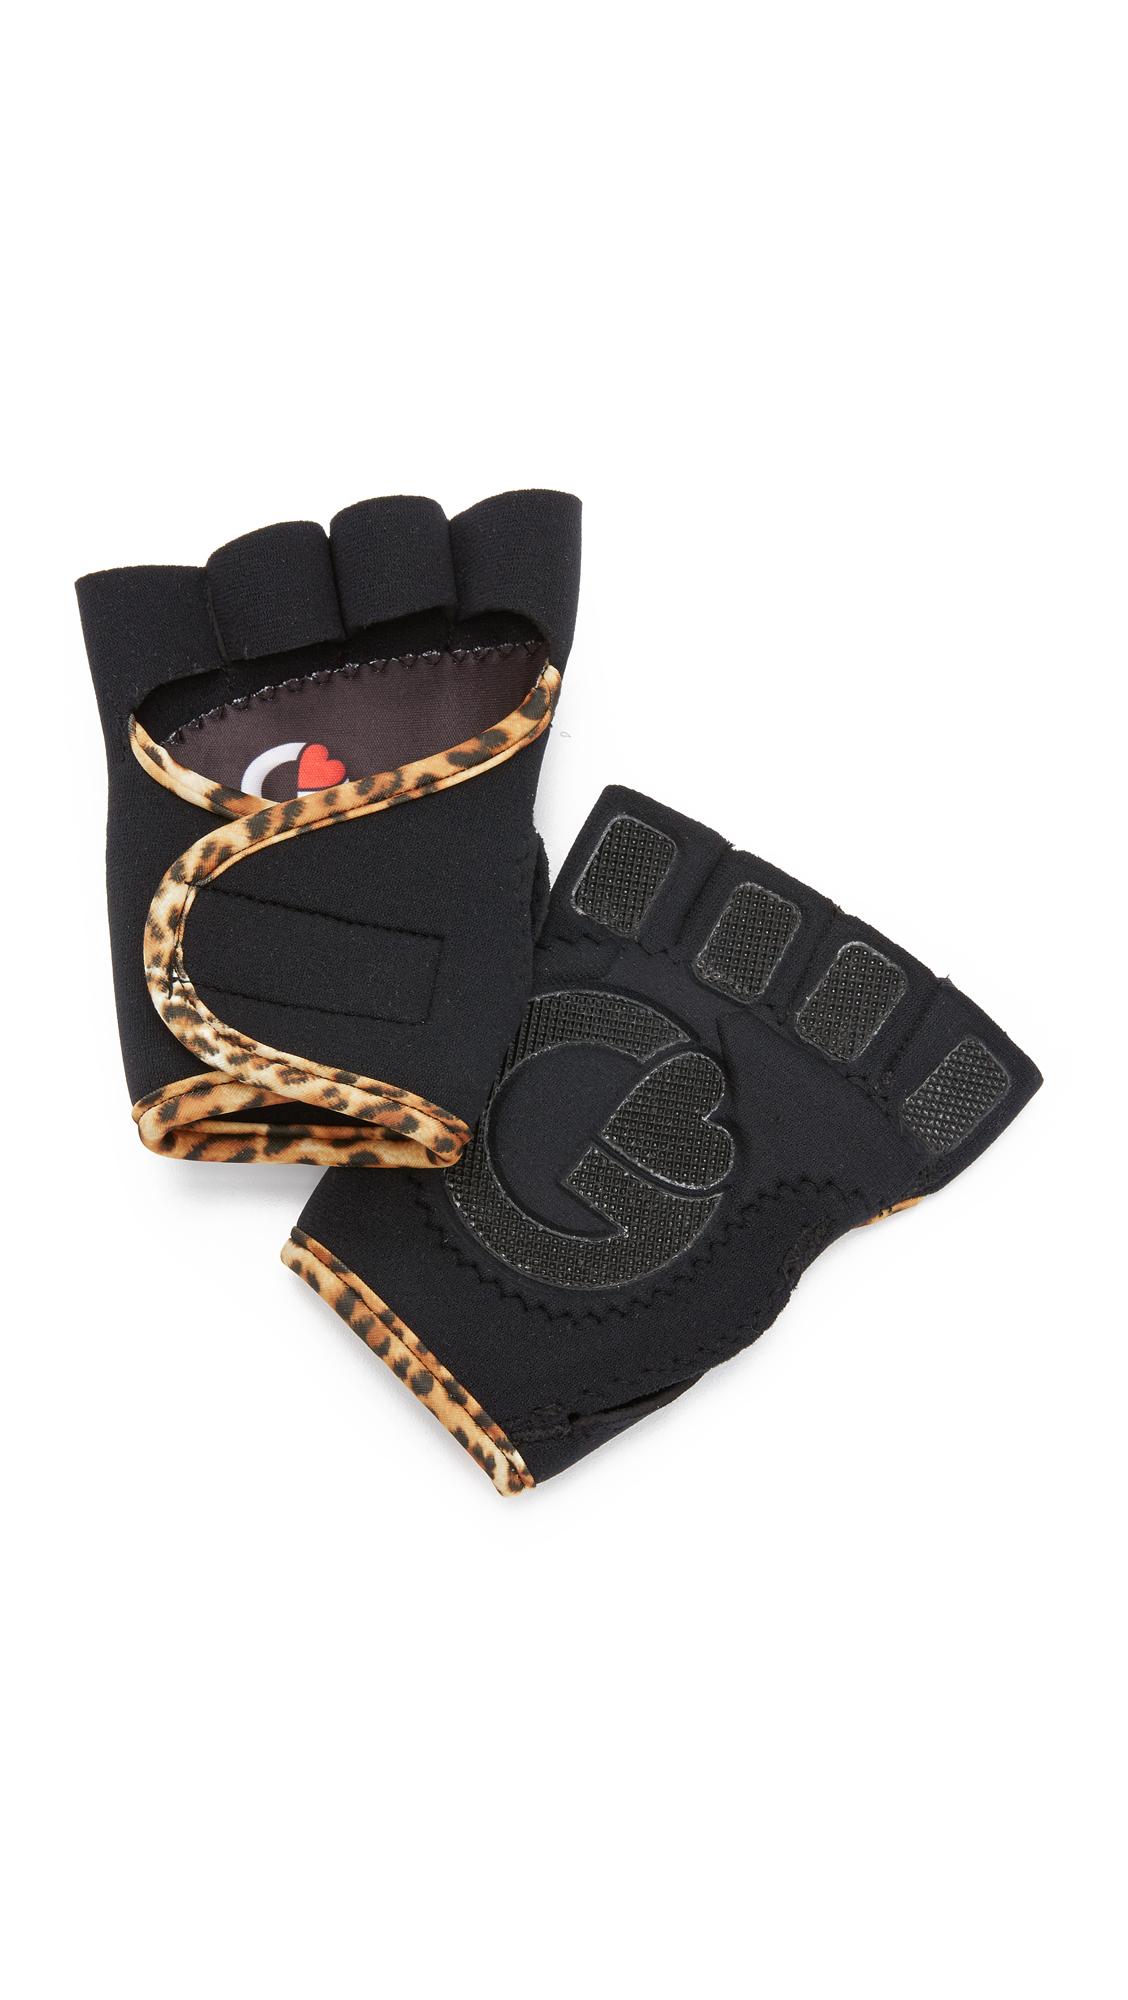 G-Loves Black With Leopard Workout Gloves - Black/Leopard at Shopbop